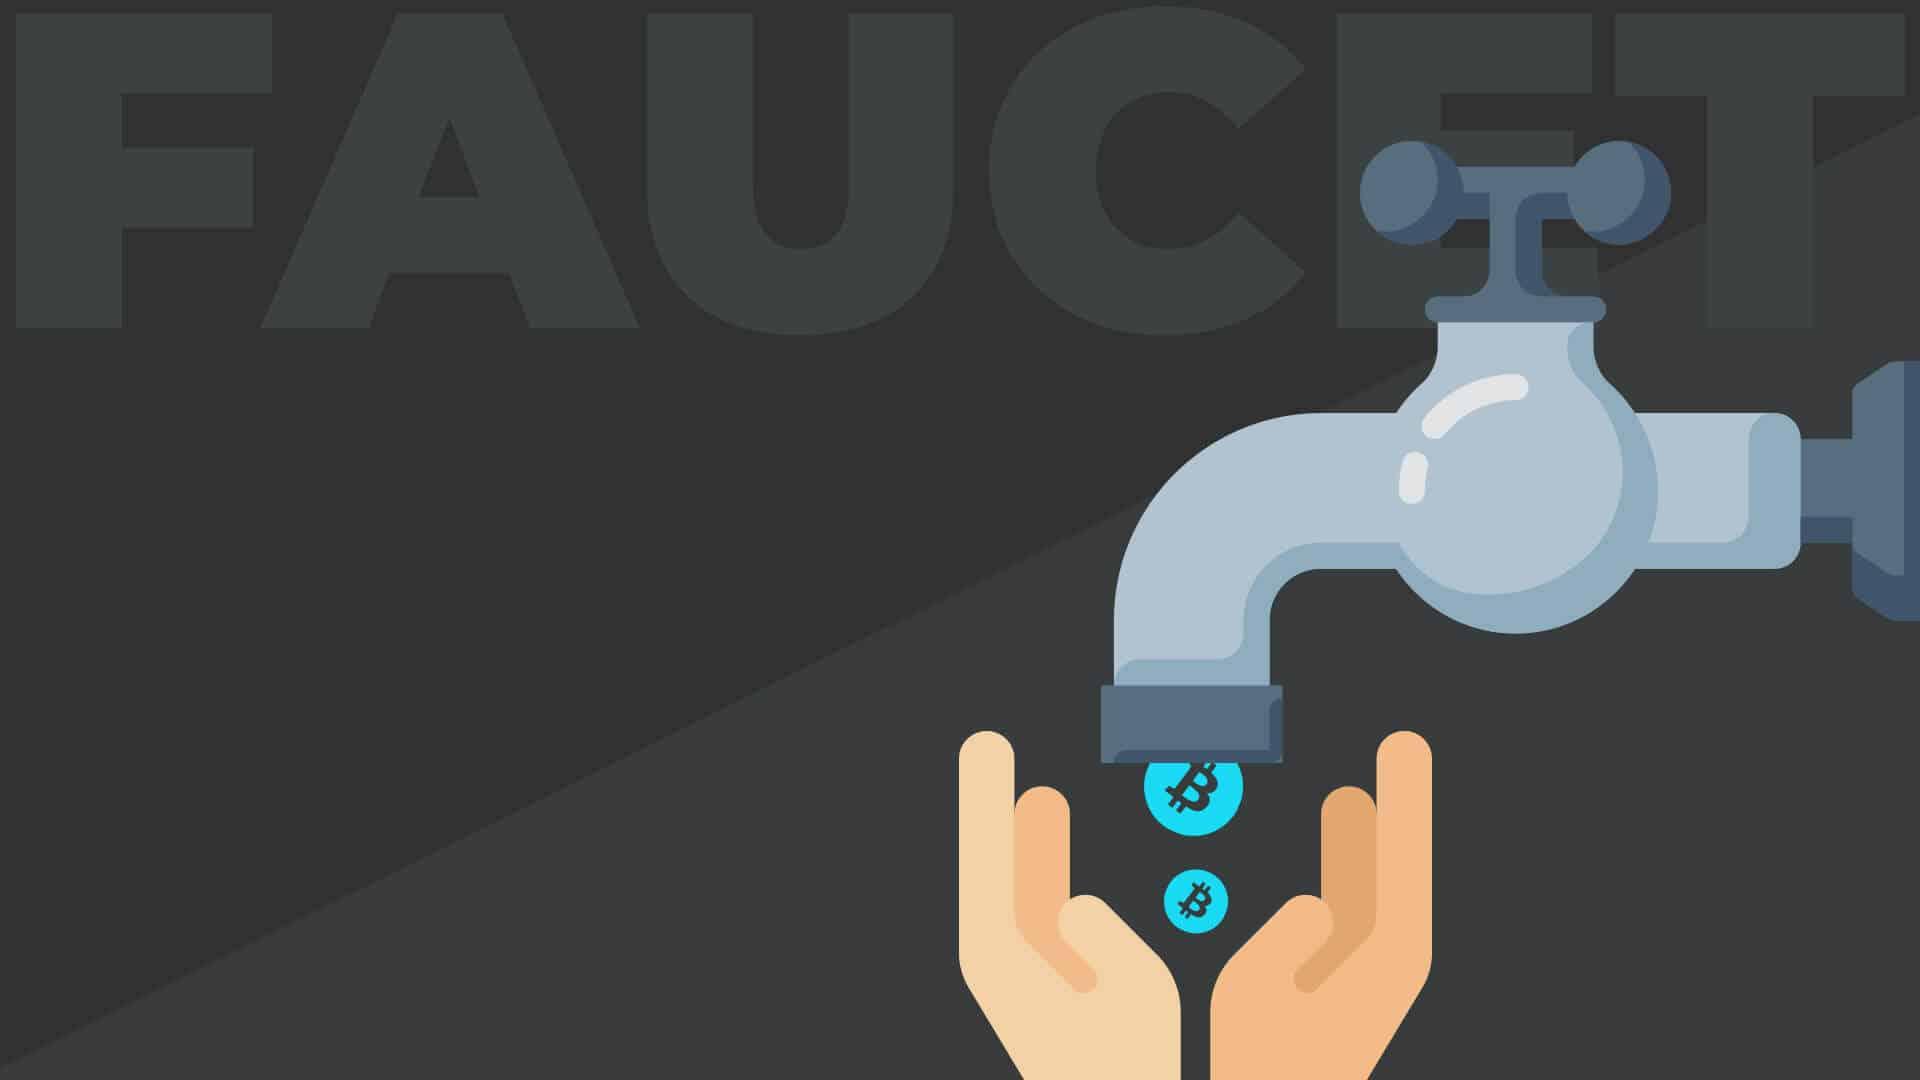 Ein Faucet ist wie ein Wasserhahn für Kryptowährungen wie Bitcoin, Dogecoin und andere Kryptowaehrungen